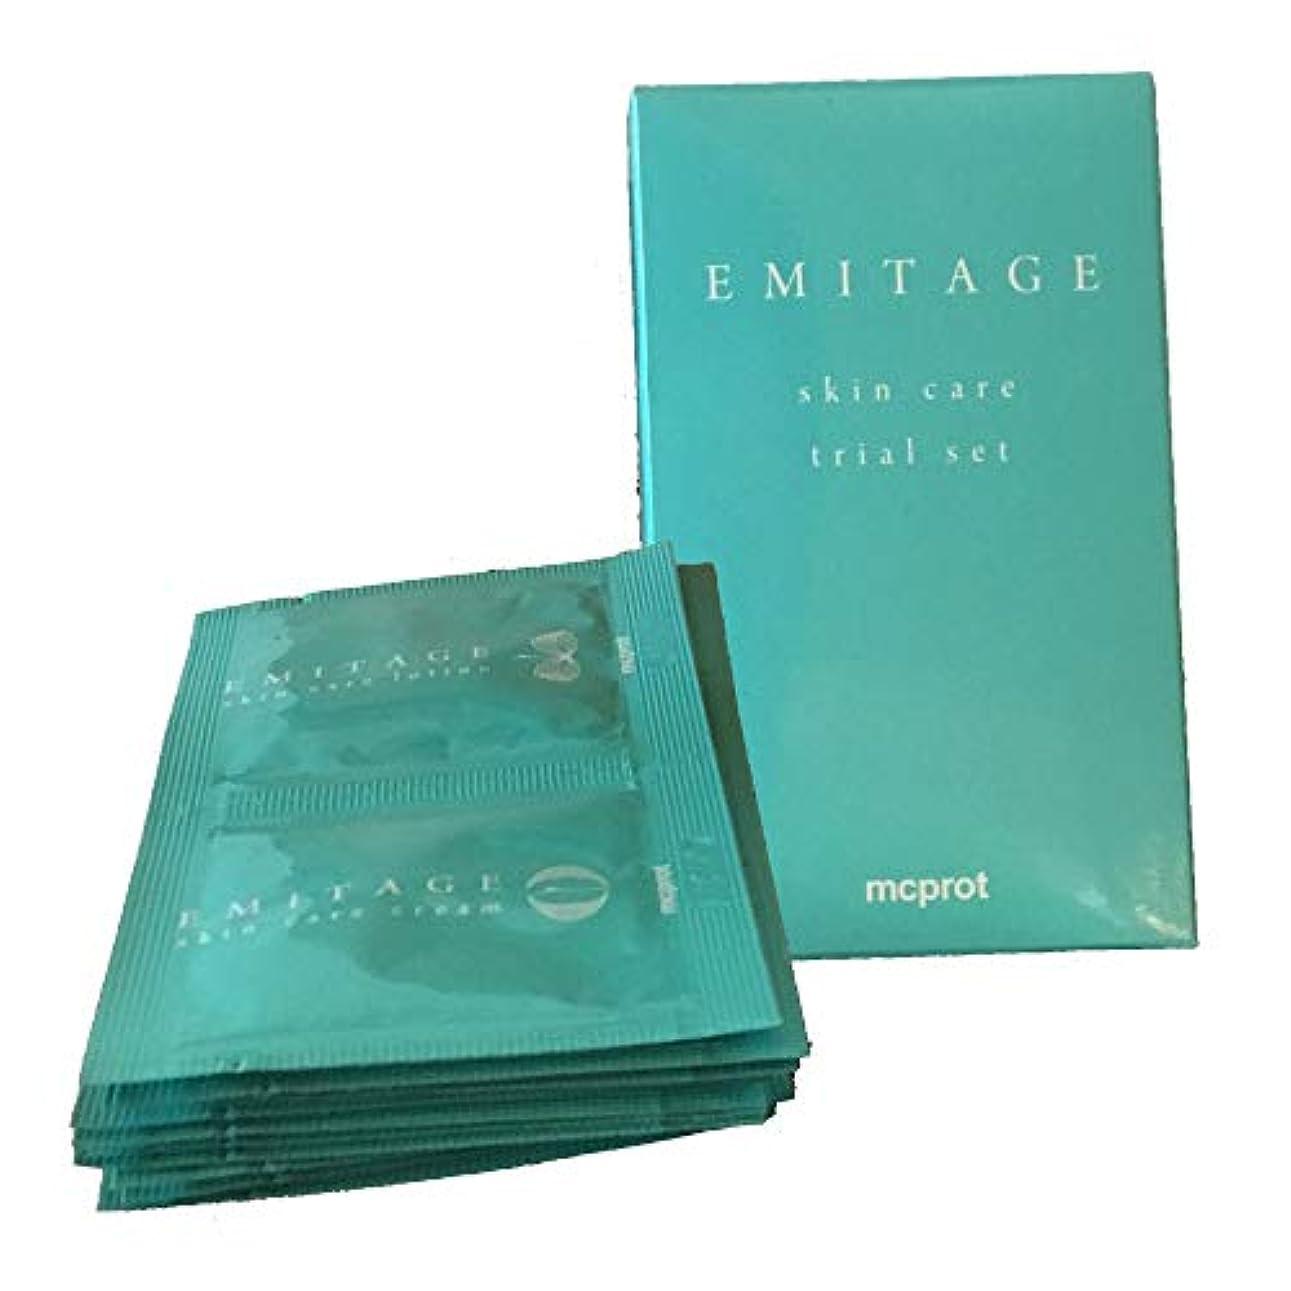 王族イノセンス居間Emitage(エミテイジ) 肌への思いやり ローション&クリーム トライアルセット